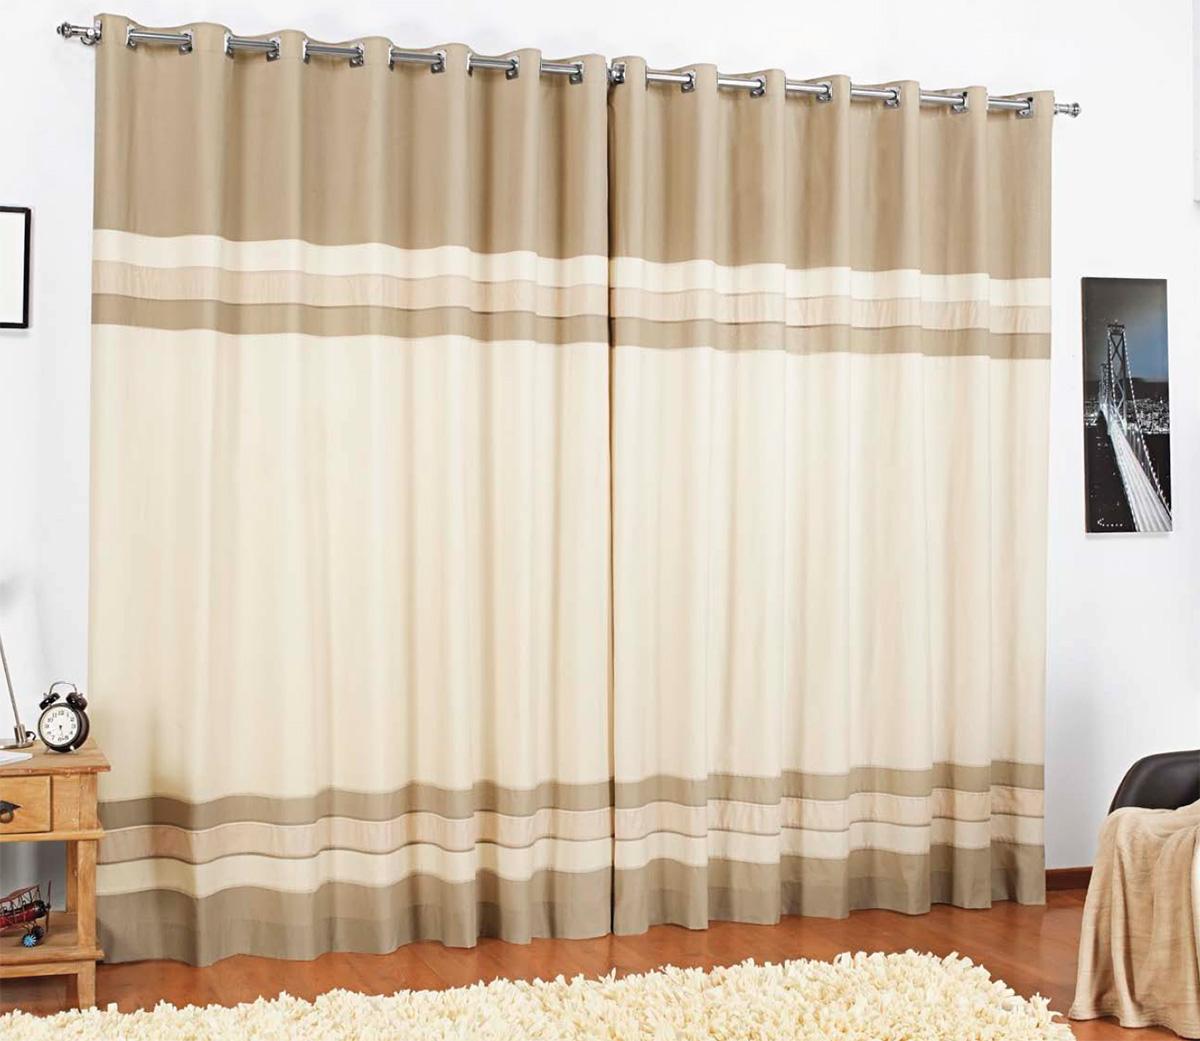 Cortina sala e quarto 3 metros palha percal 200 fios for Ganchos de plastico para cortinas